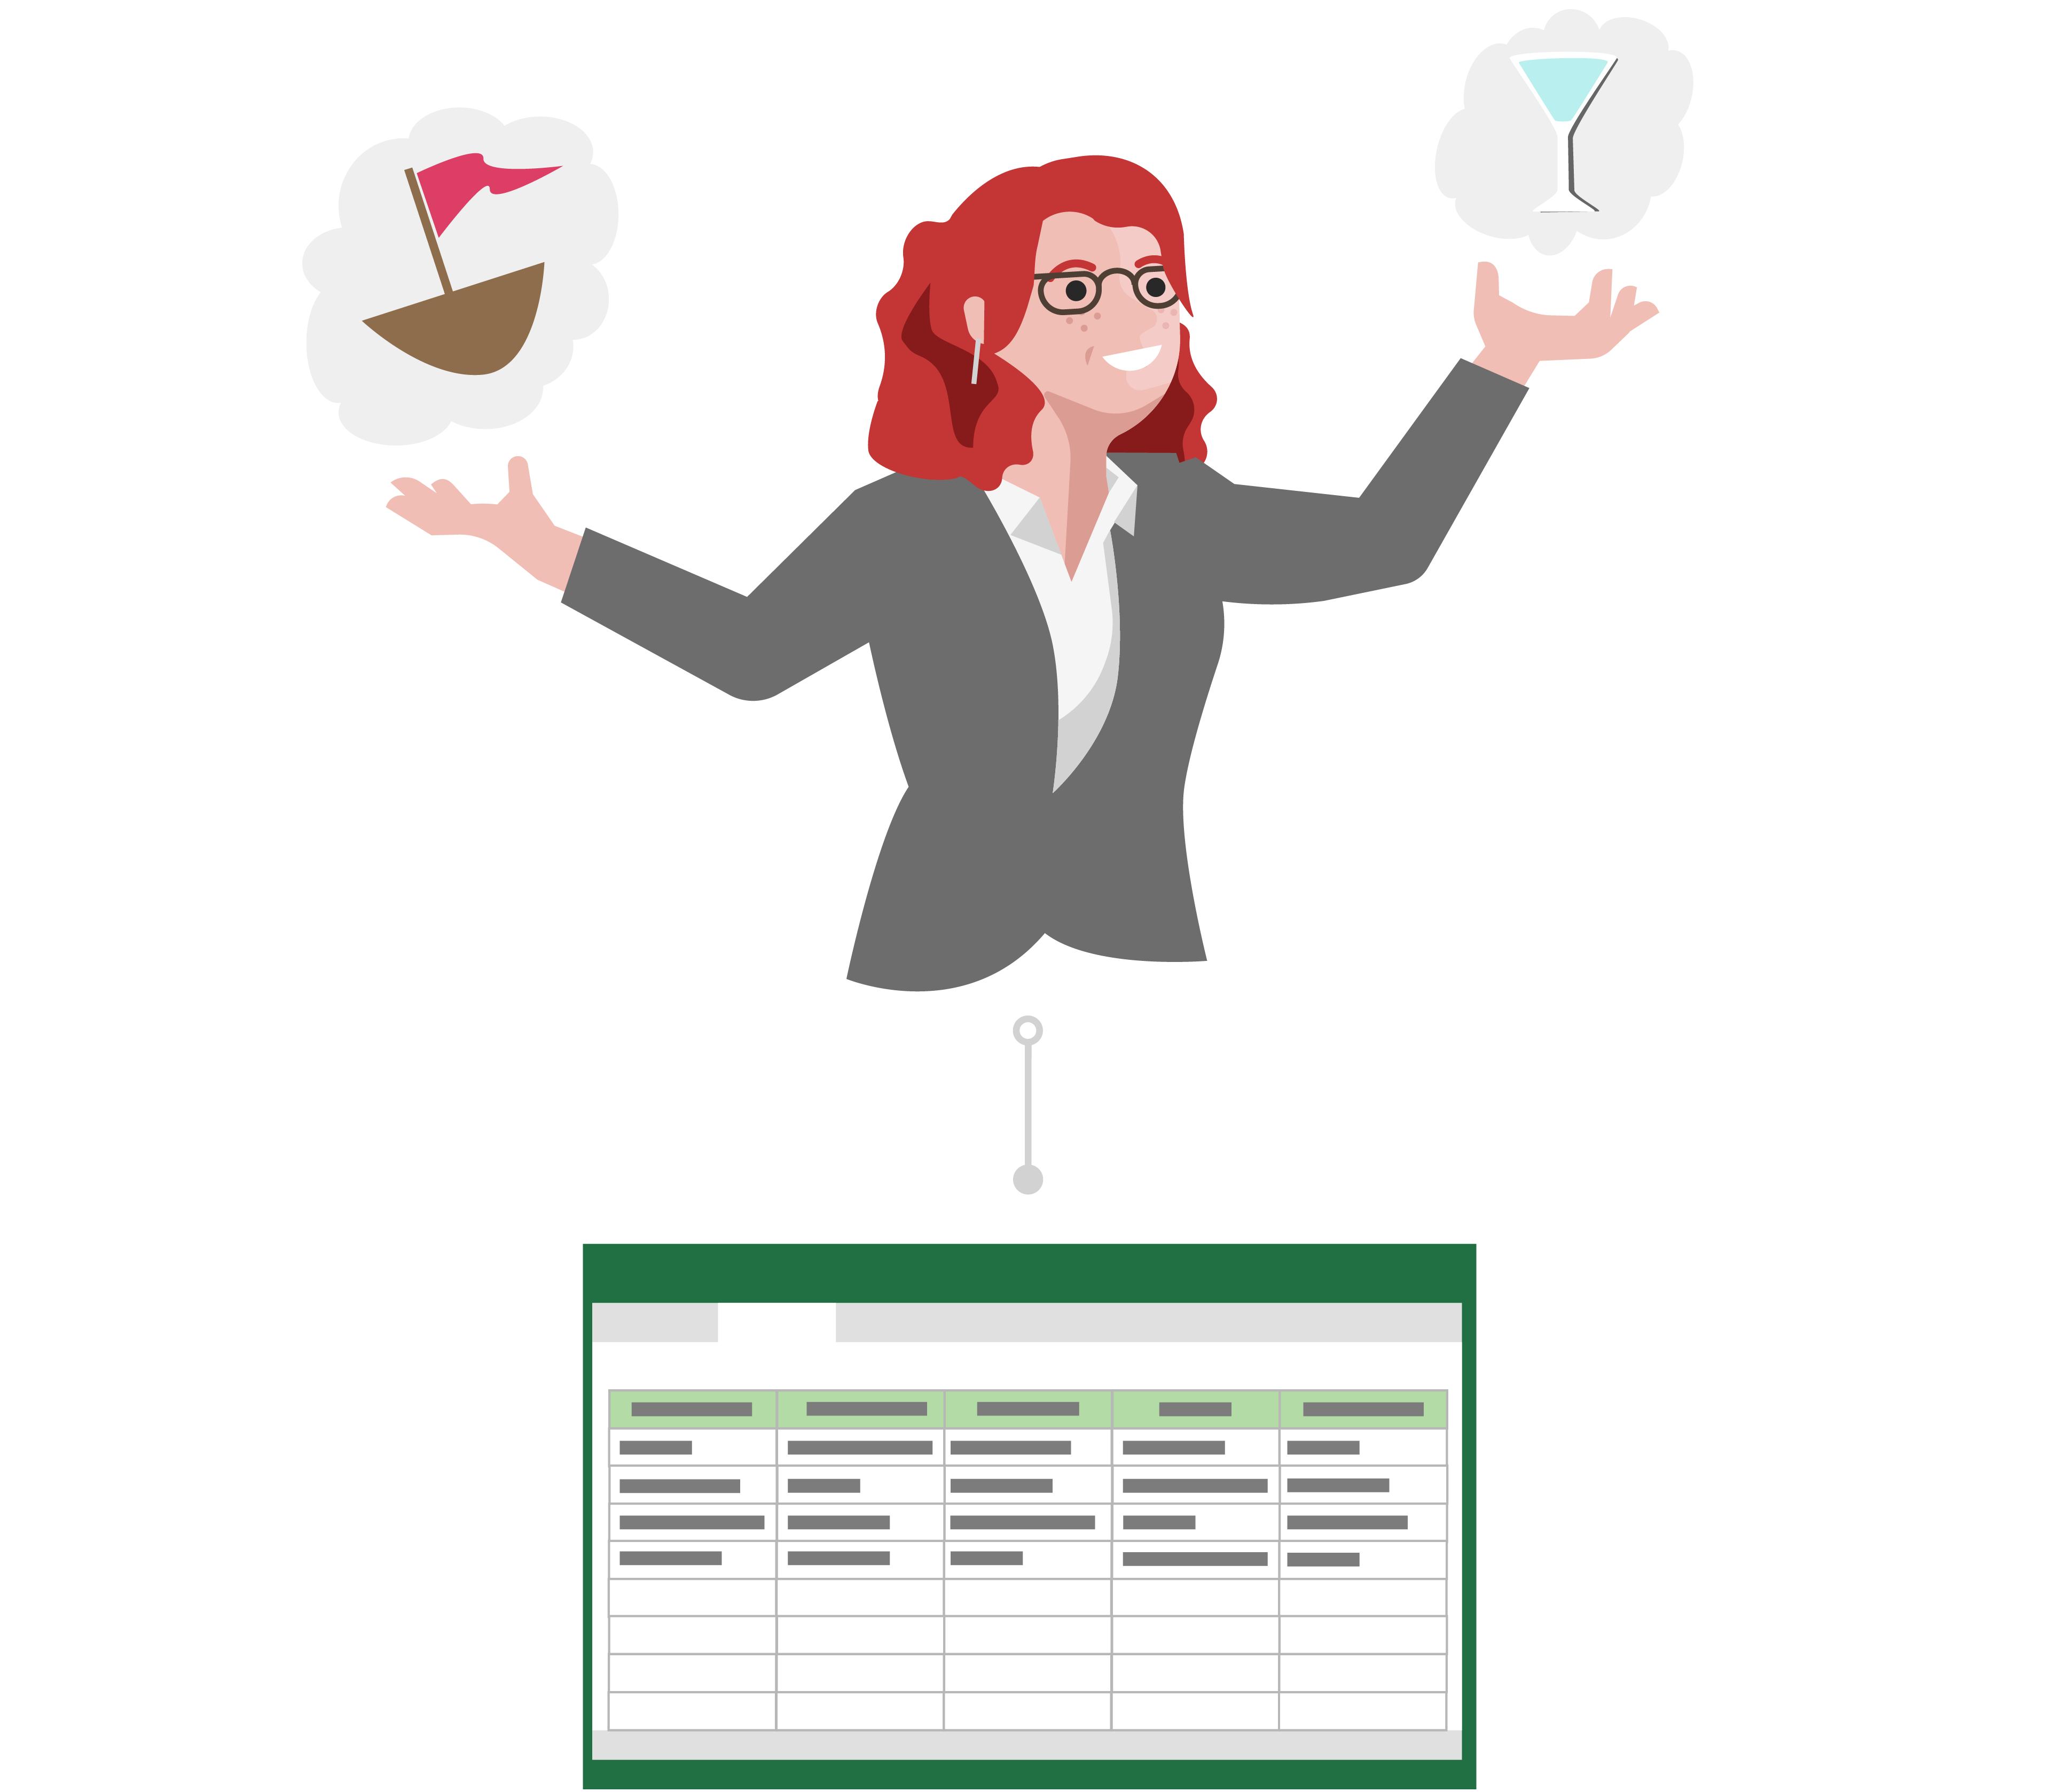 Linda benötigt Feedback zu Ihren Ideen, damit Sie eine Kalkulationstabelle erstellt und in der Cloud speichert.